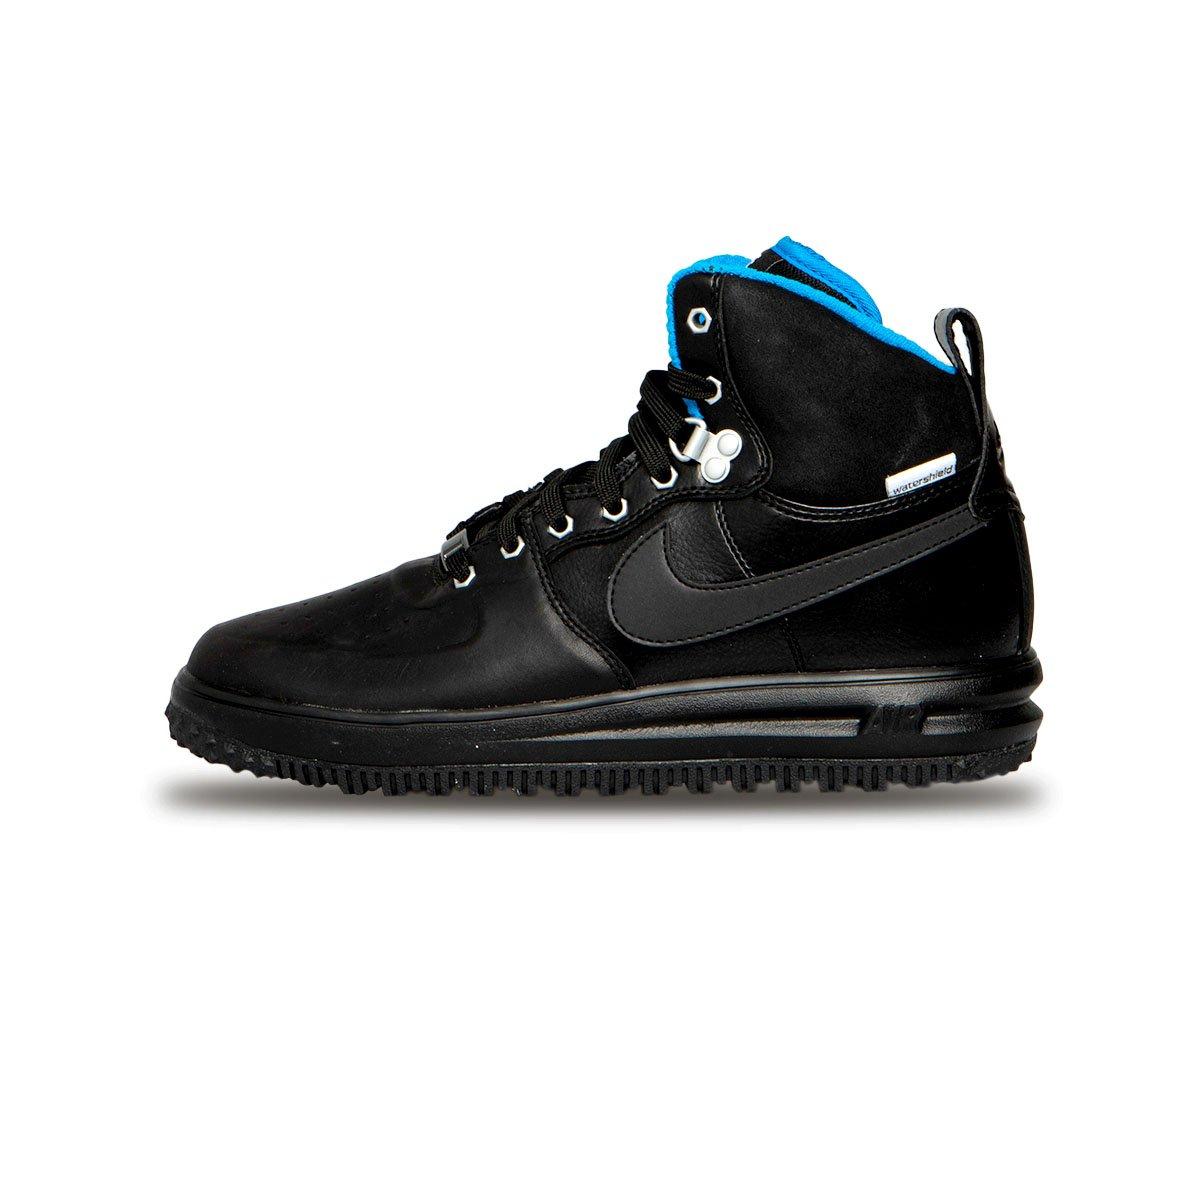 Nike Lunaire Vigueur Une Botte De Canard De Réservoir Noir / Britannique officiel à vendre Réduction avec mastercard offres faire acheter eastbay à vendre ucoPx4Xw